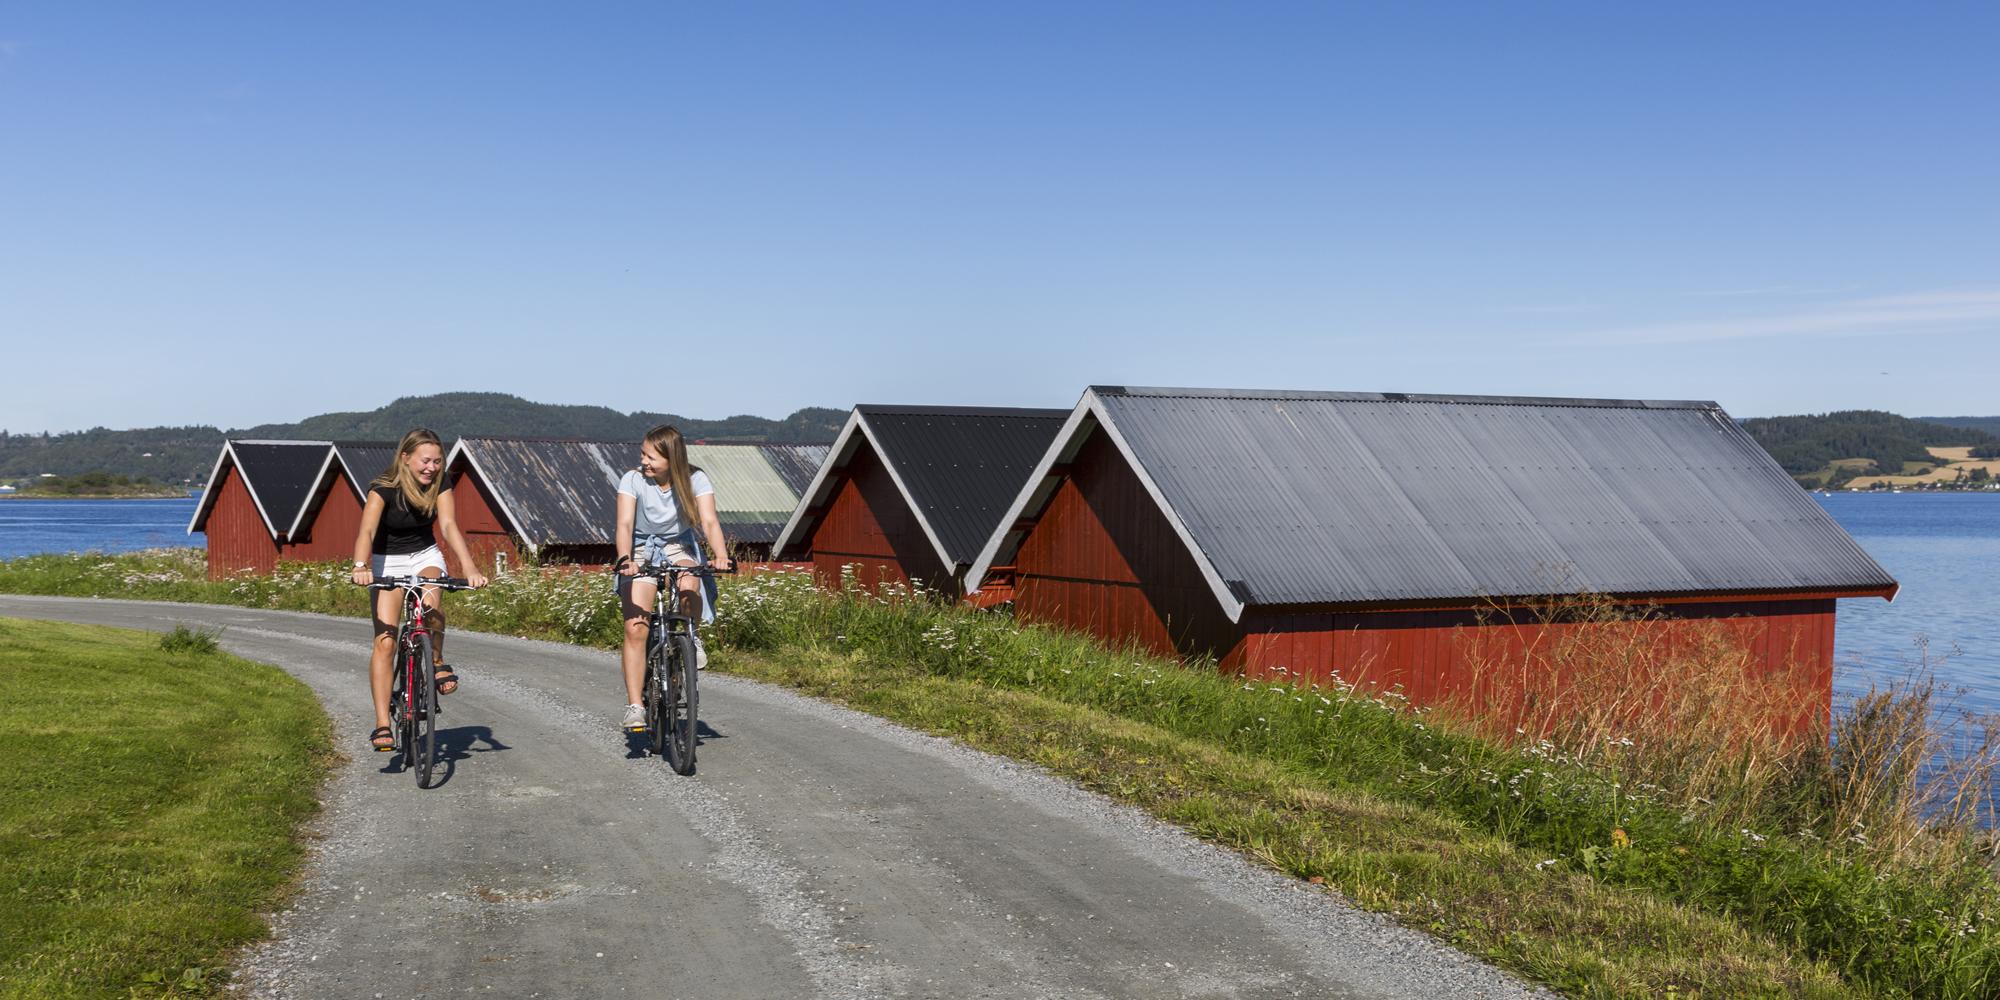 Sykkel i Straumen på Inderøy, langs Borgenfjorden. Copyright: Lena Johnsen